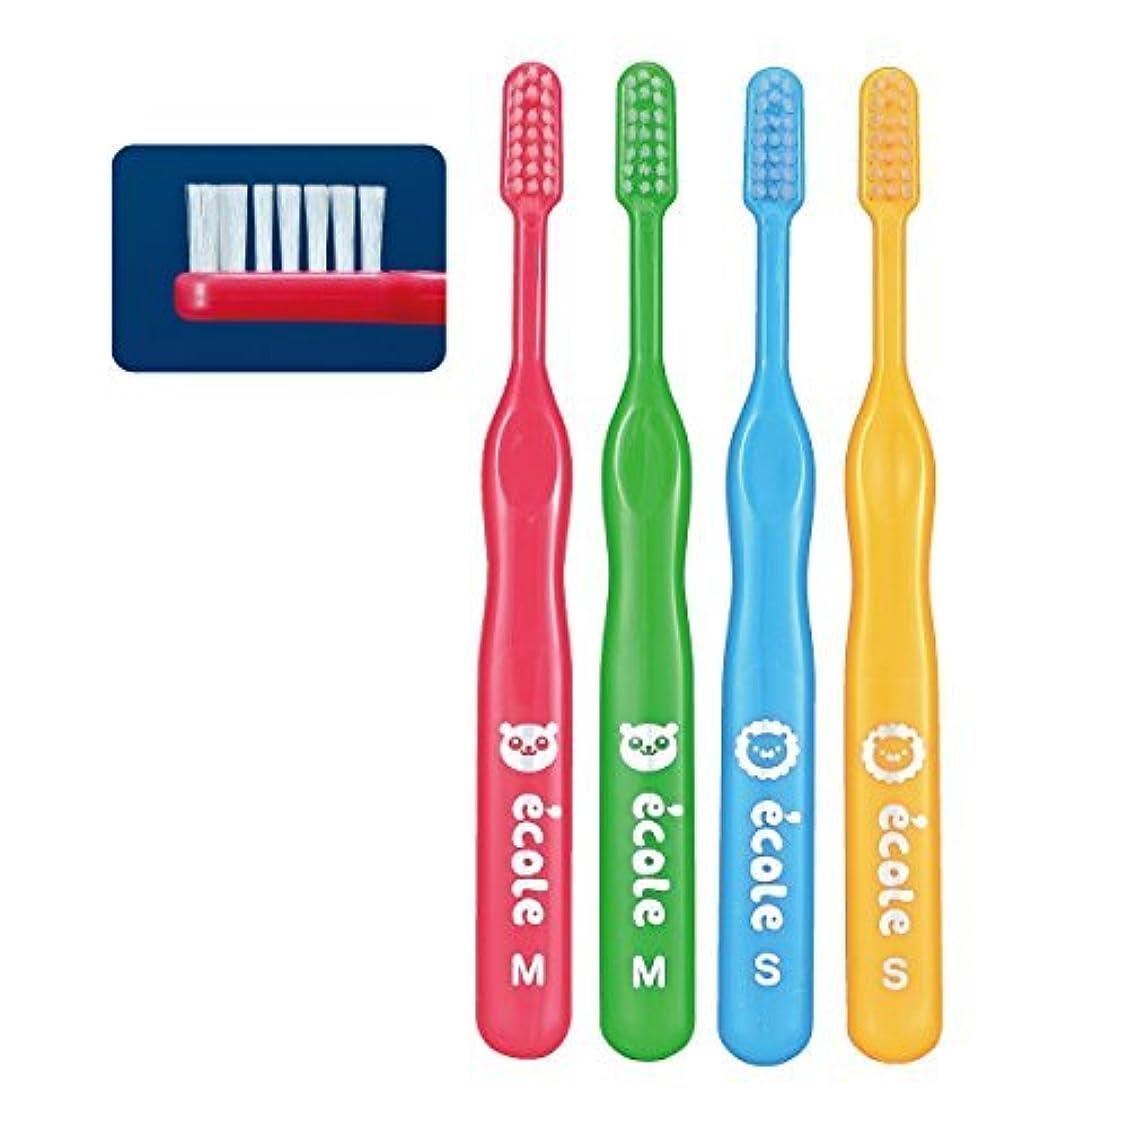 構成員器具十分ですリセラ エコル 幼児~小学生用歯ブラシ Sやわらかめ 10本入り